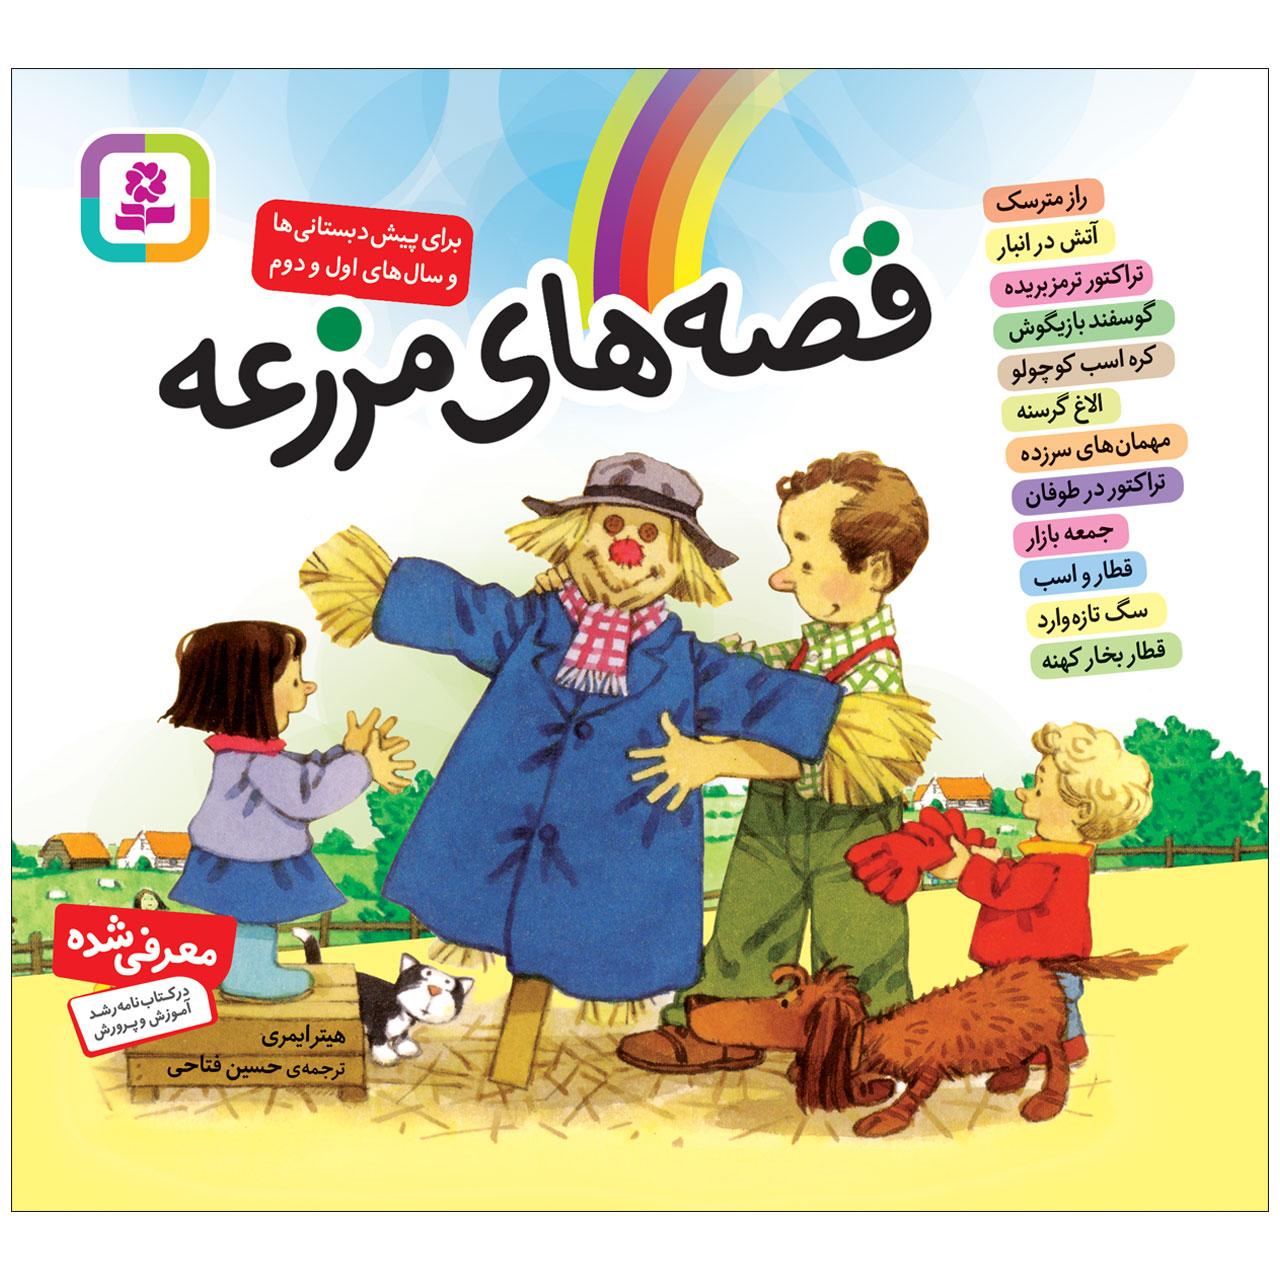 خرید                      کتاب  قصه های مزرعه اثر هیتر ایمری انتشارات قدیانی کد 3363